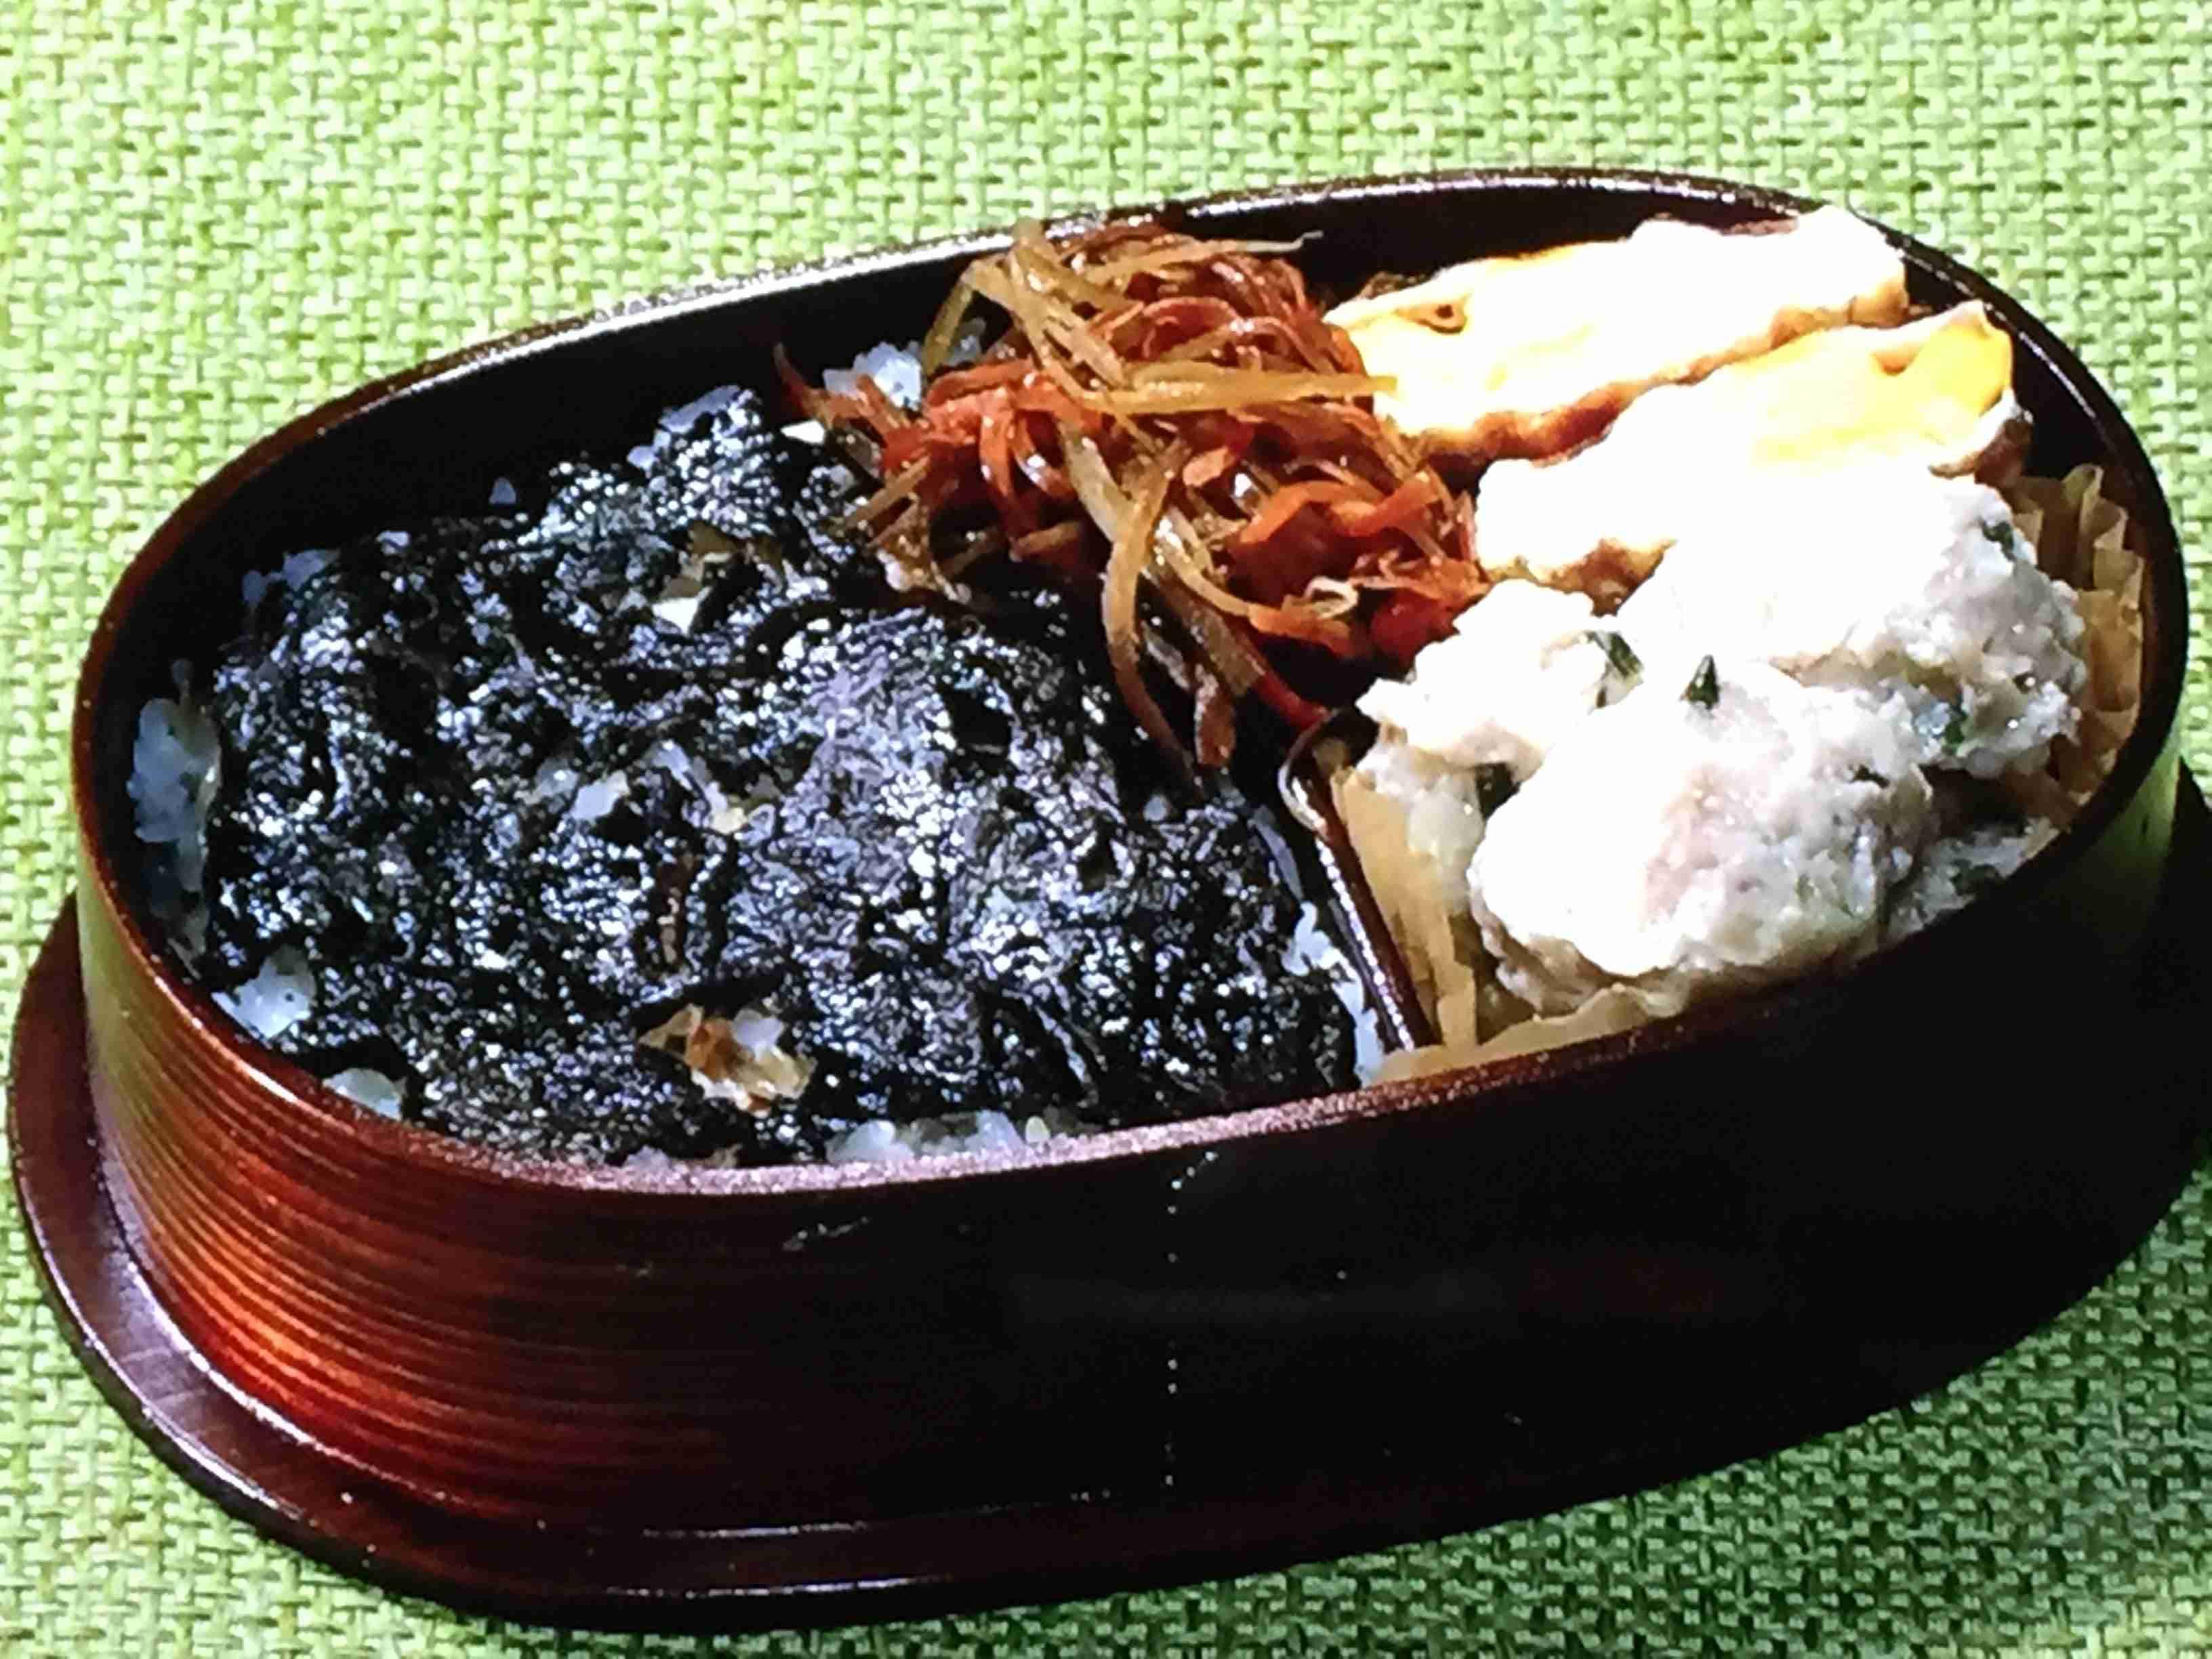 NHKきょうの料理は鶏つくねのり弁当・きんぴらごぼう・卵の折りたたみ焼きレシピ!飛田和緒のお弁当   きょうの料理 レシピ研究ブログ